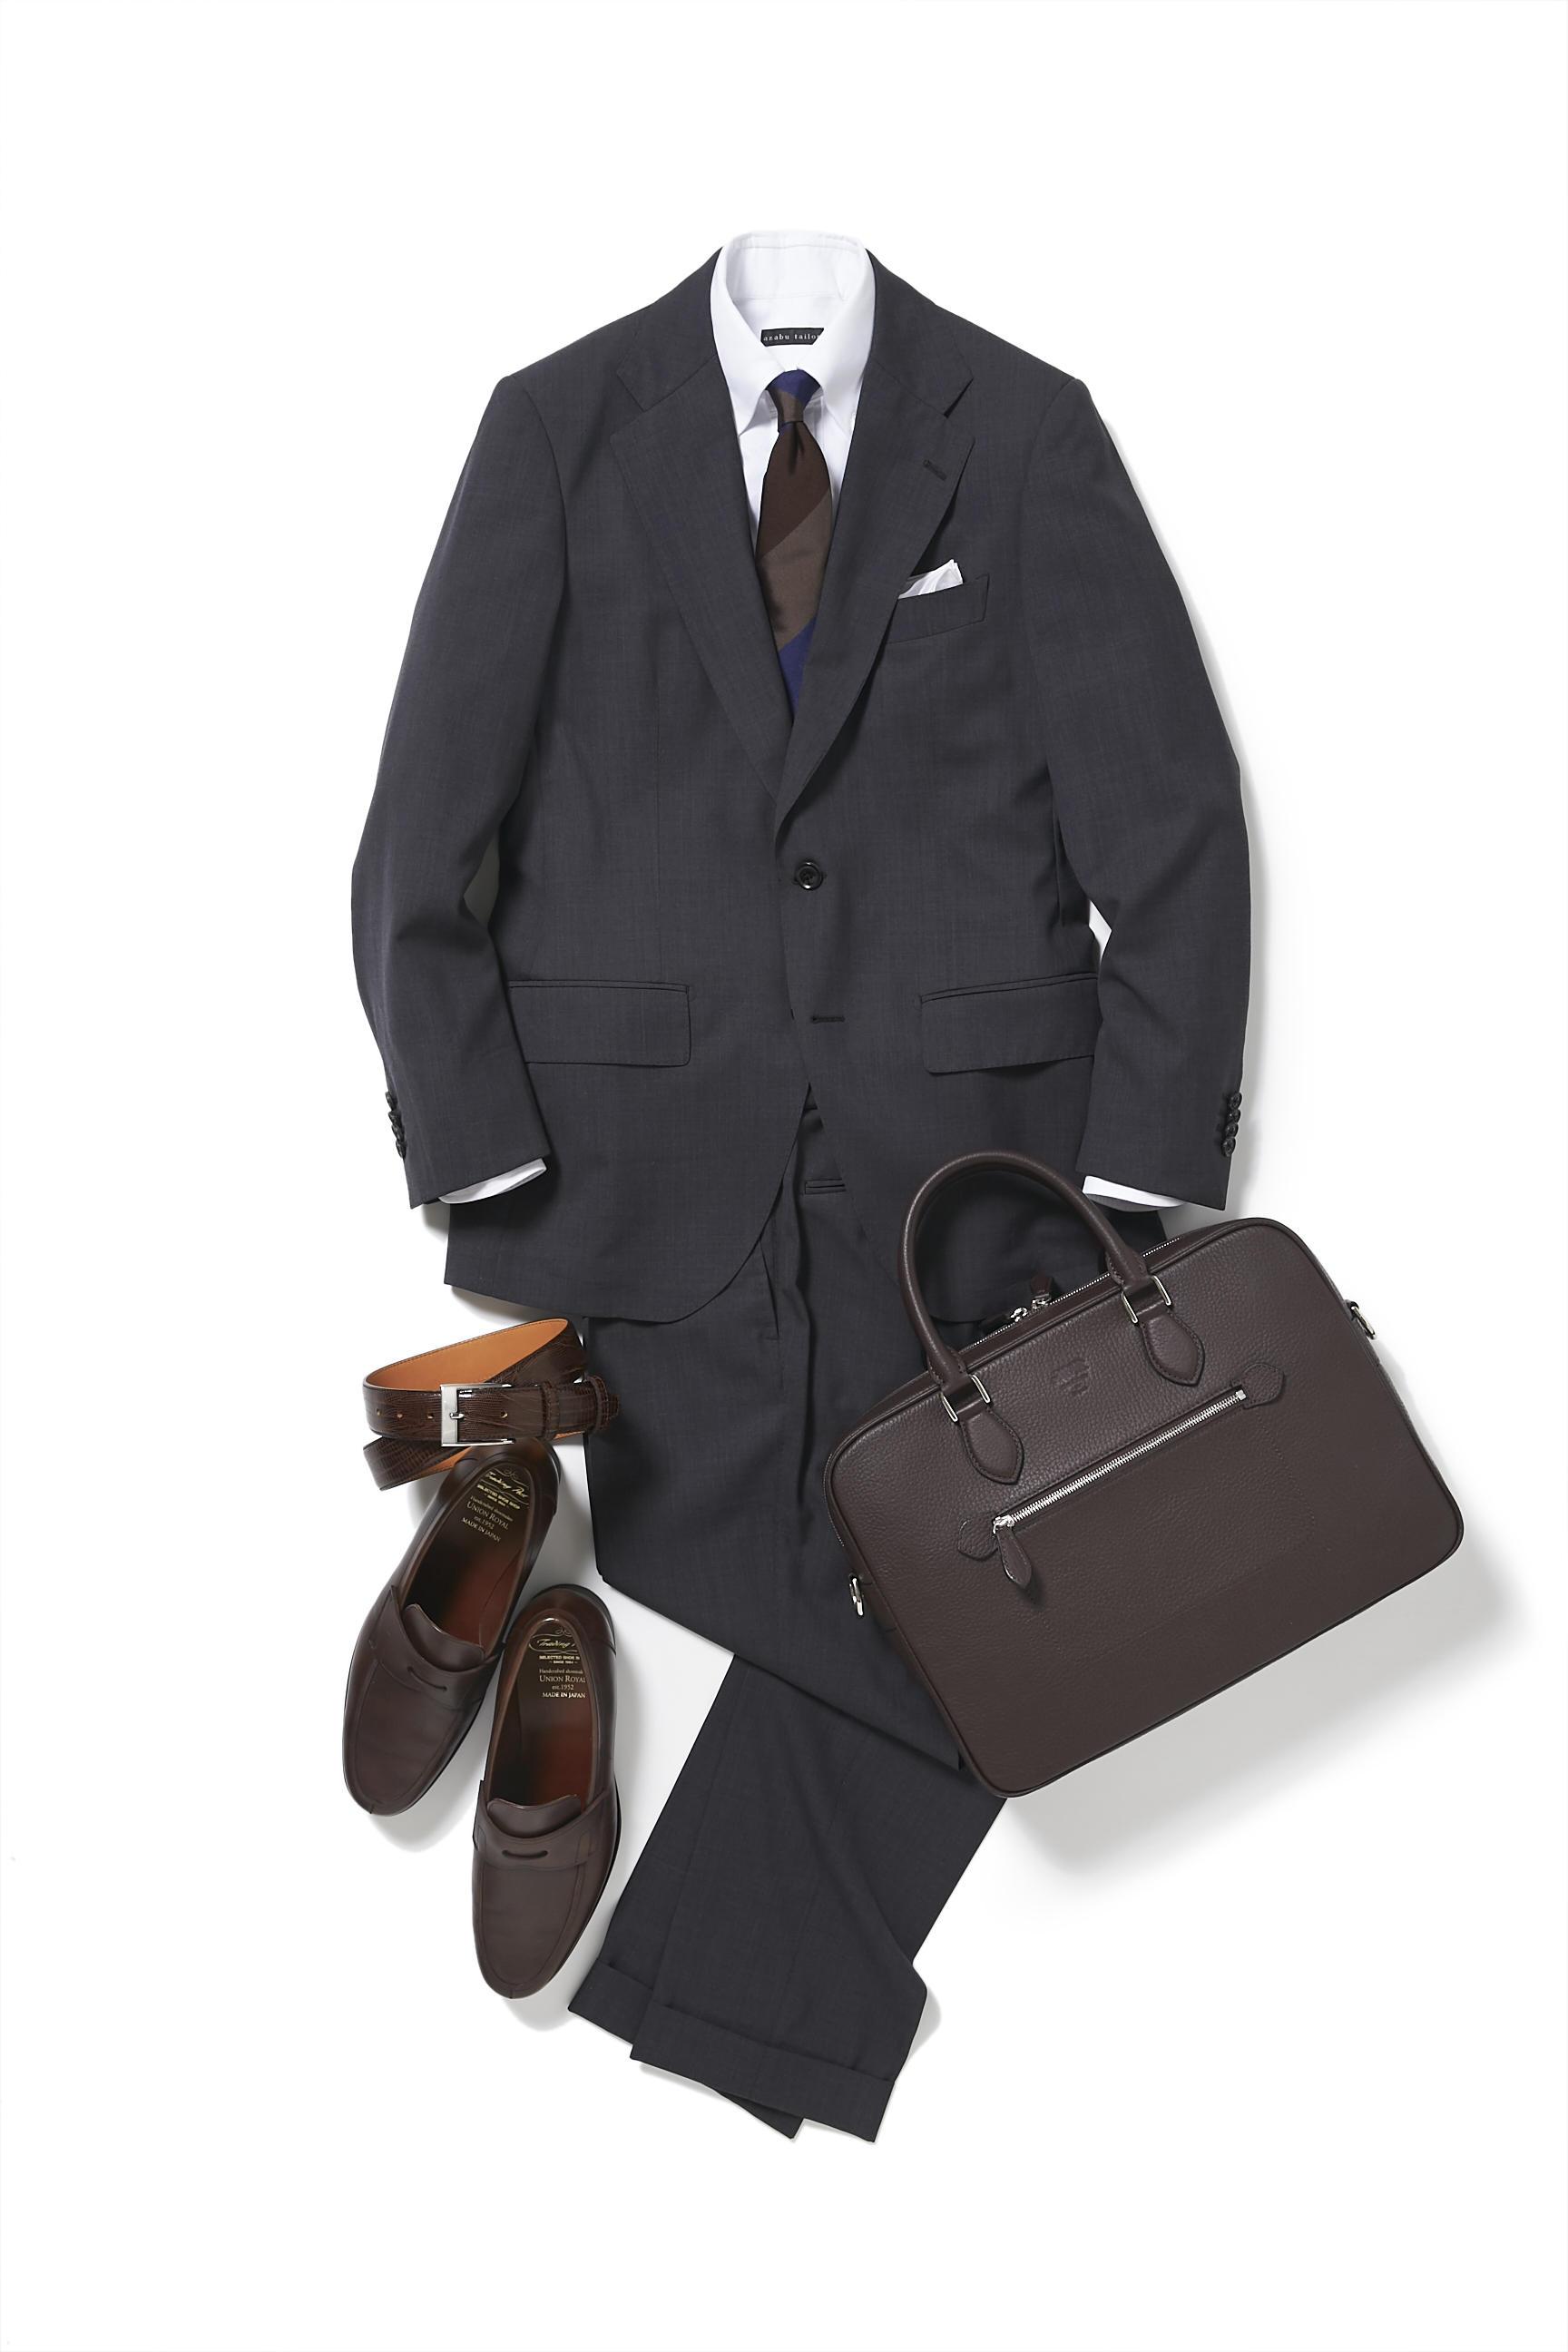 これで商談成立しまくり!【スーツの着回し1週間チャレンジ!/麻布テーラー編#4】